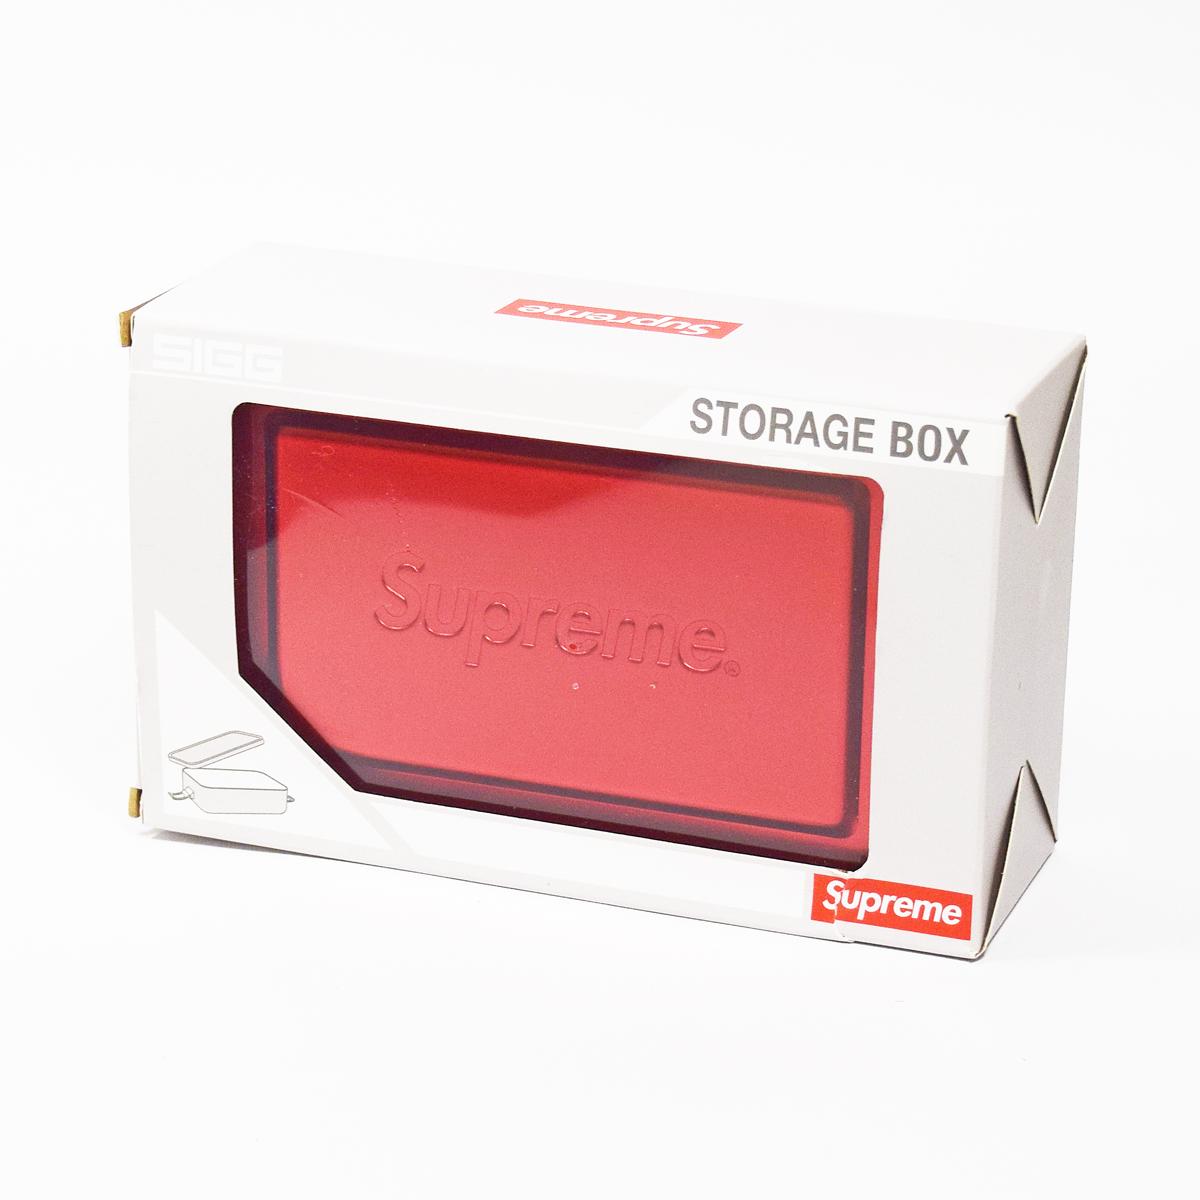 【新品】Supreme シュプリーム Storage Box ストレージボックス レッド ラージ【送料無料】【代引き手数料無料】 赤 弁当箱 31530720